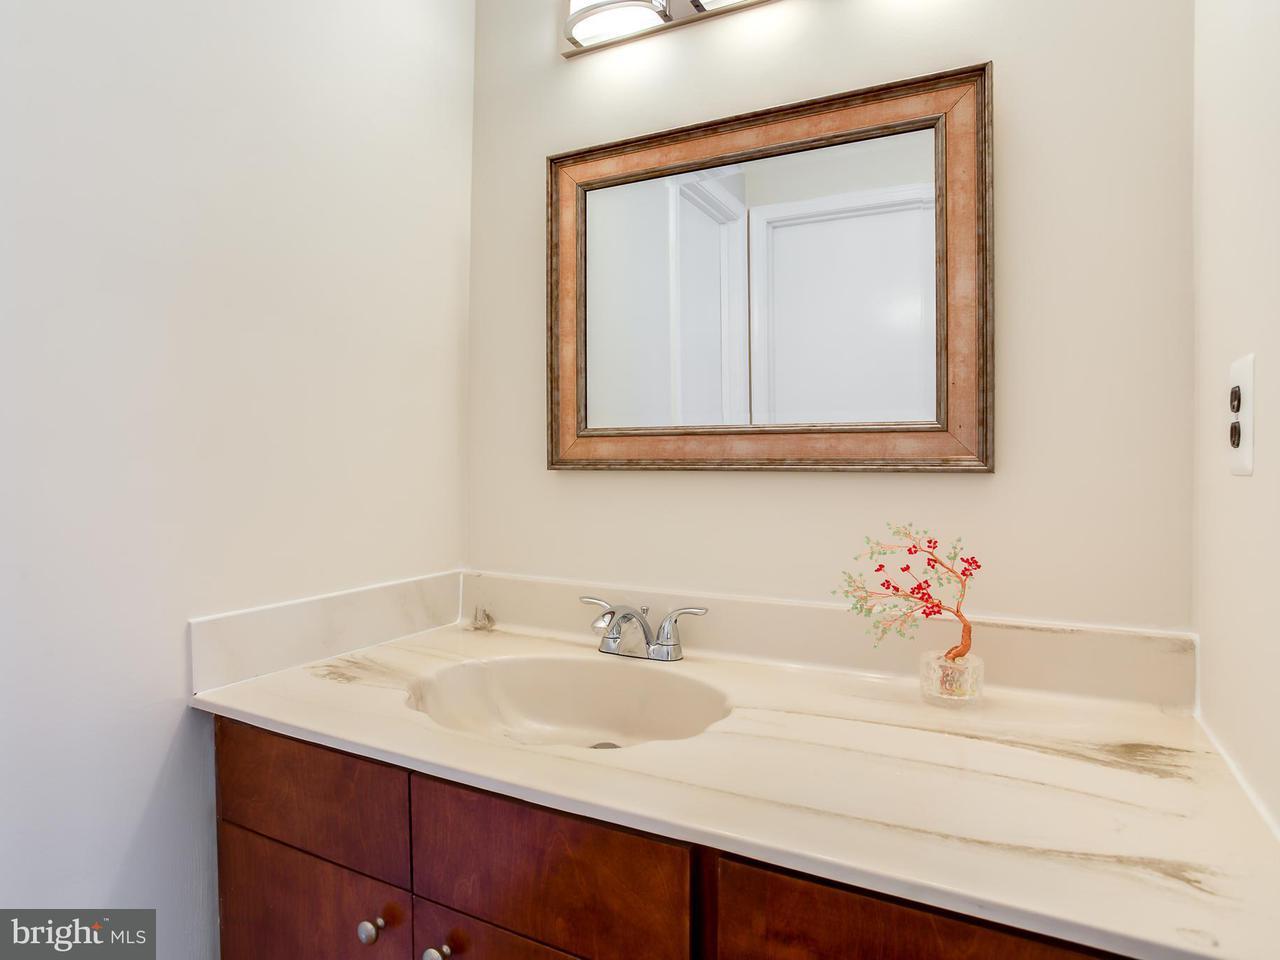 獨棟家庭住宅 為 出售 在 2294 Shawn Court 2294 Shawn Court Dunn Loring, 弗吉尼亞州 22027 美國